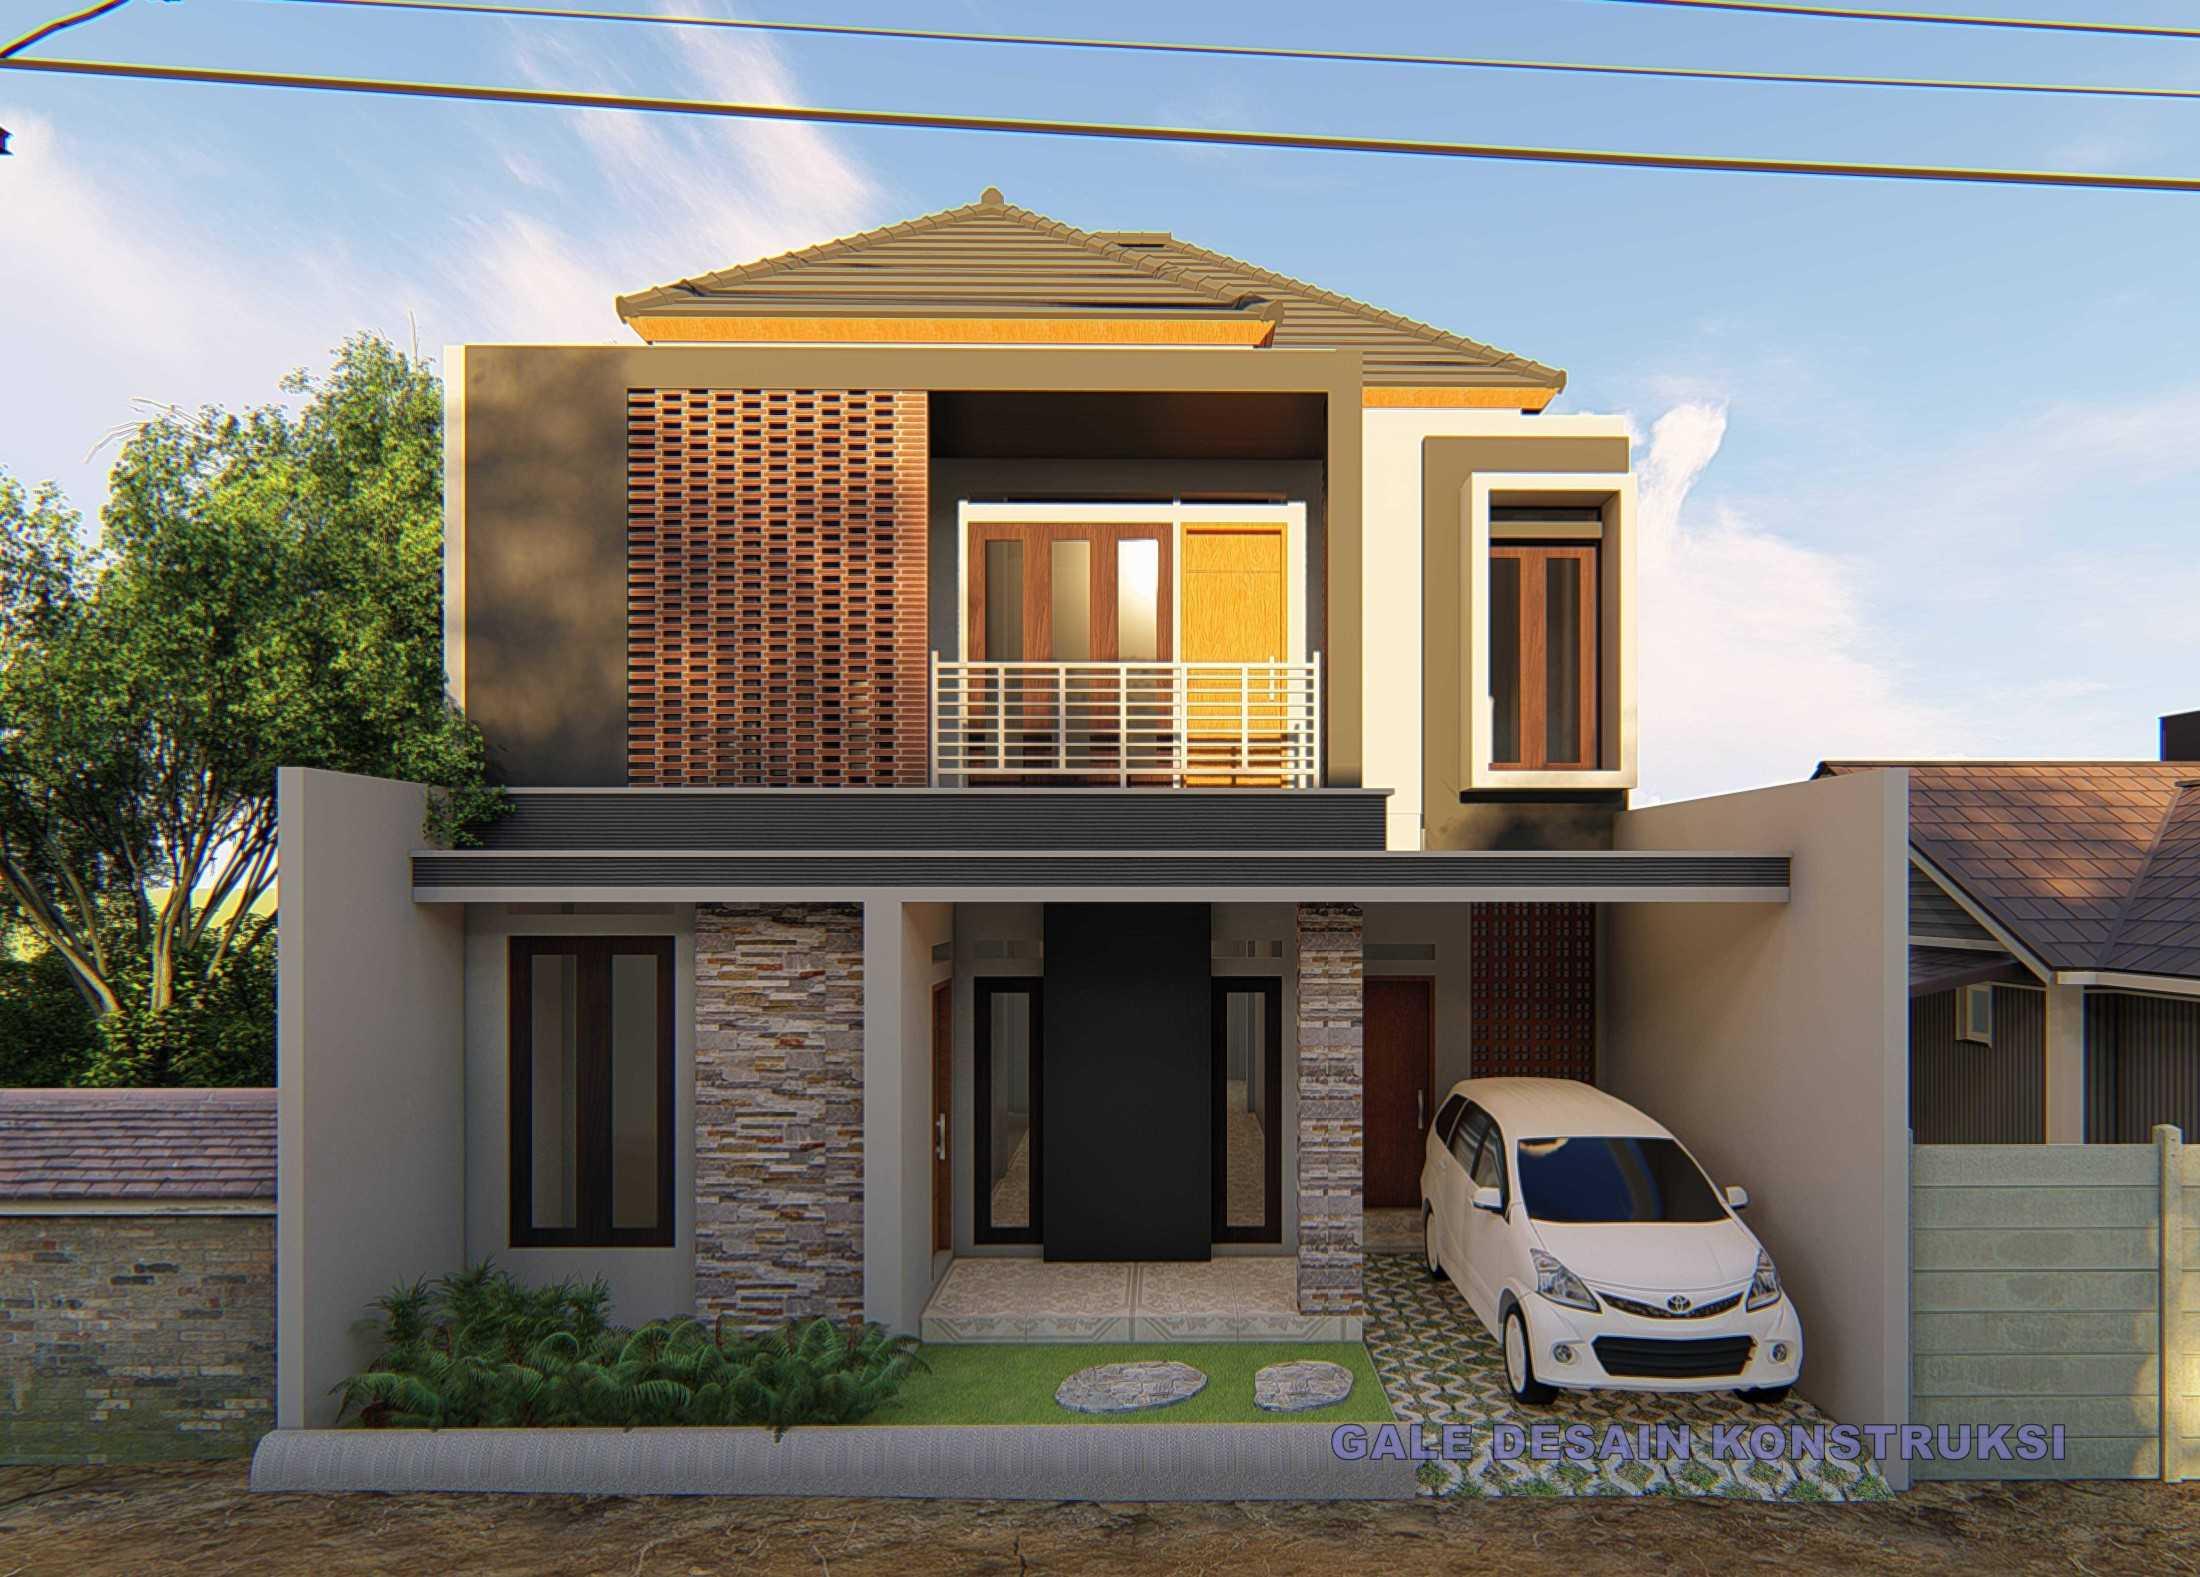 Jasa Arsitek Gale Desain Konstruksi di Mataram